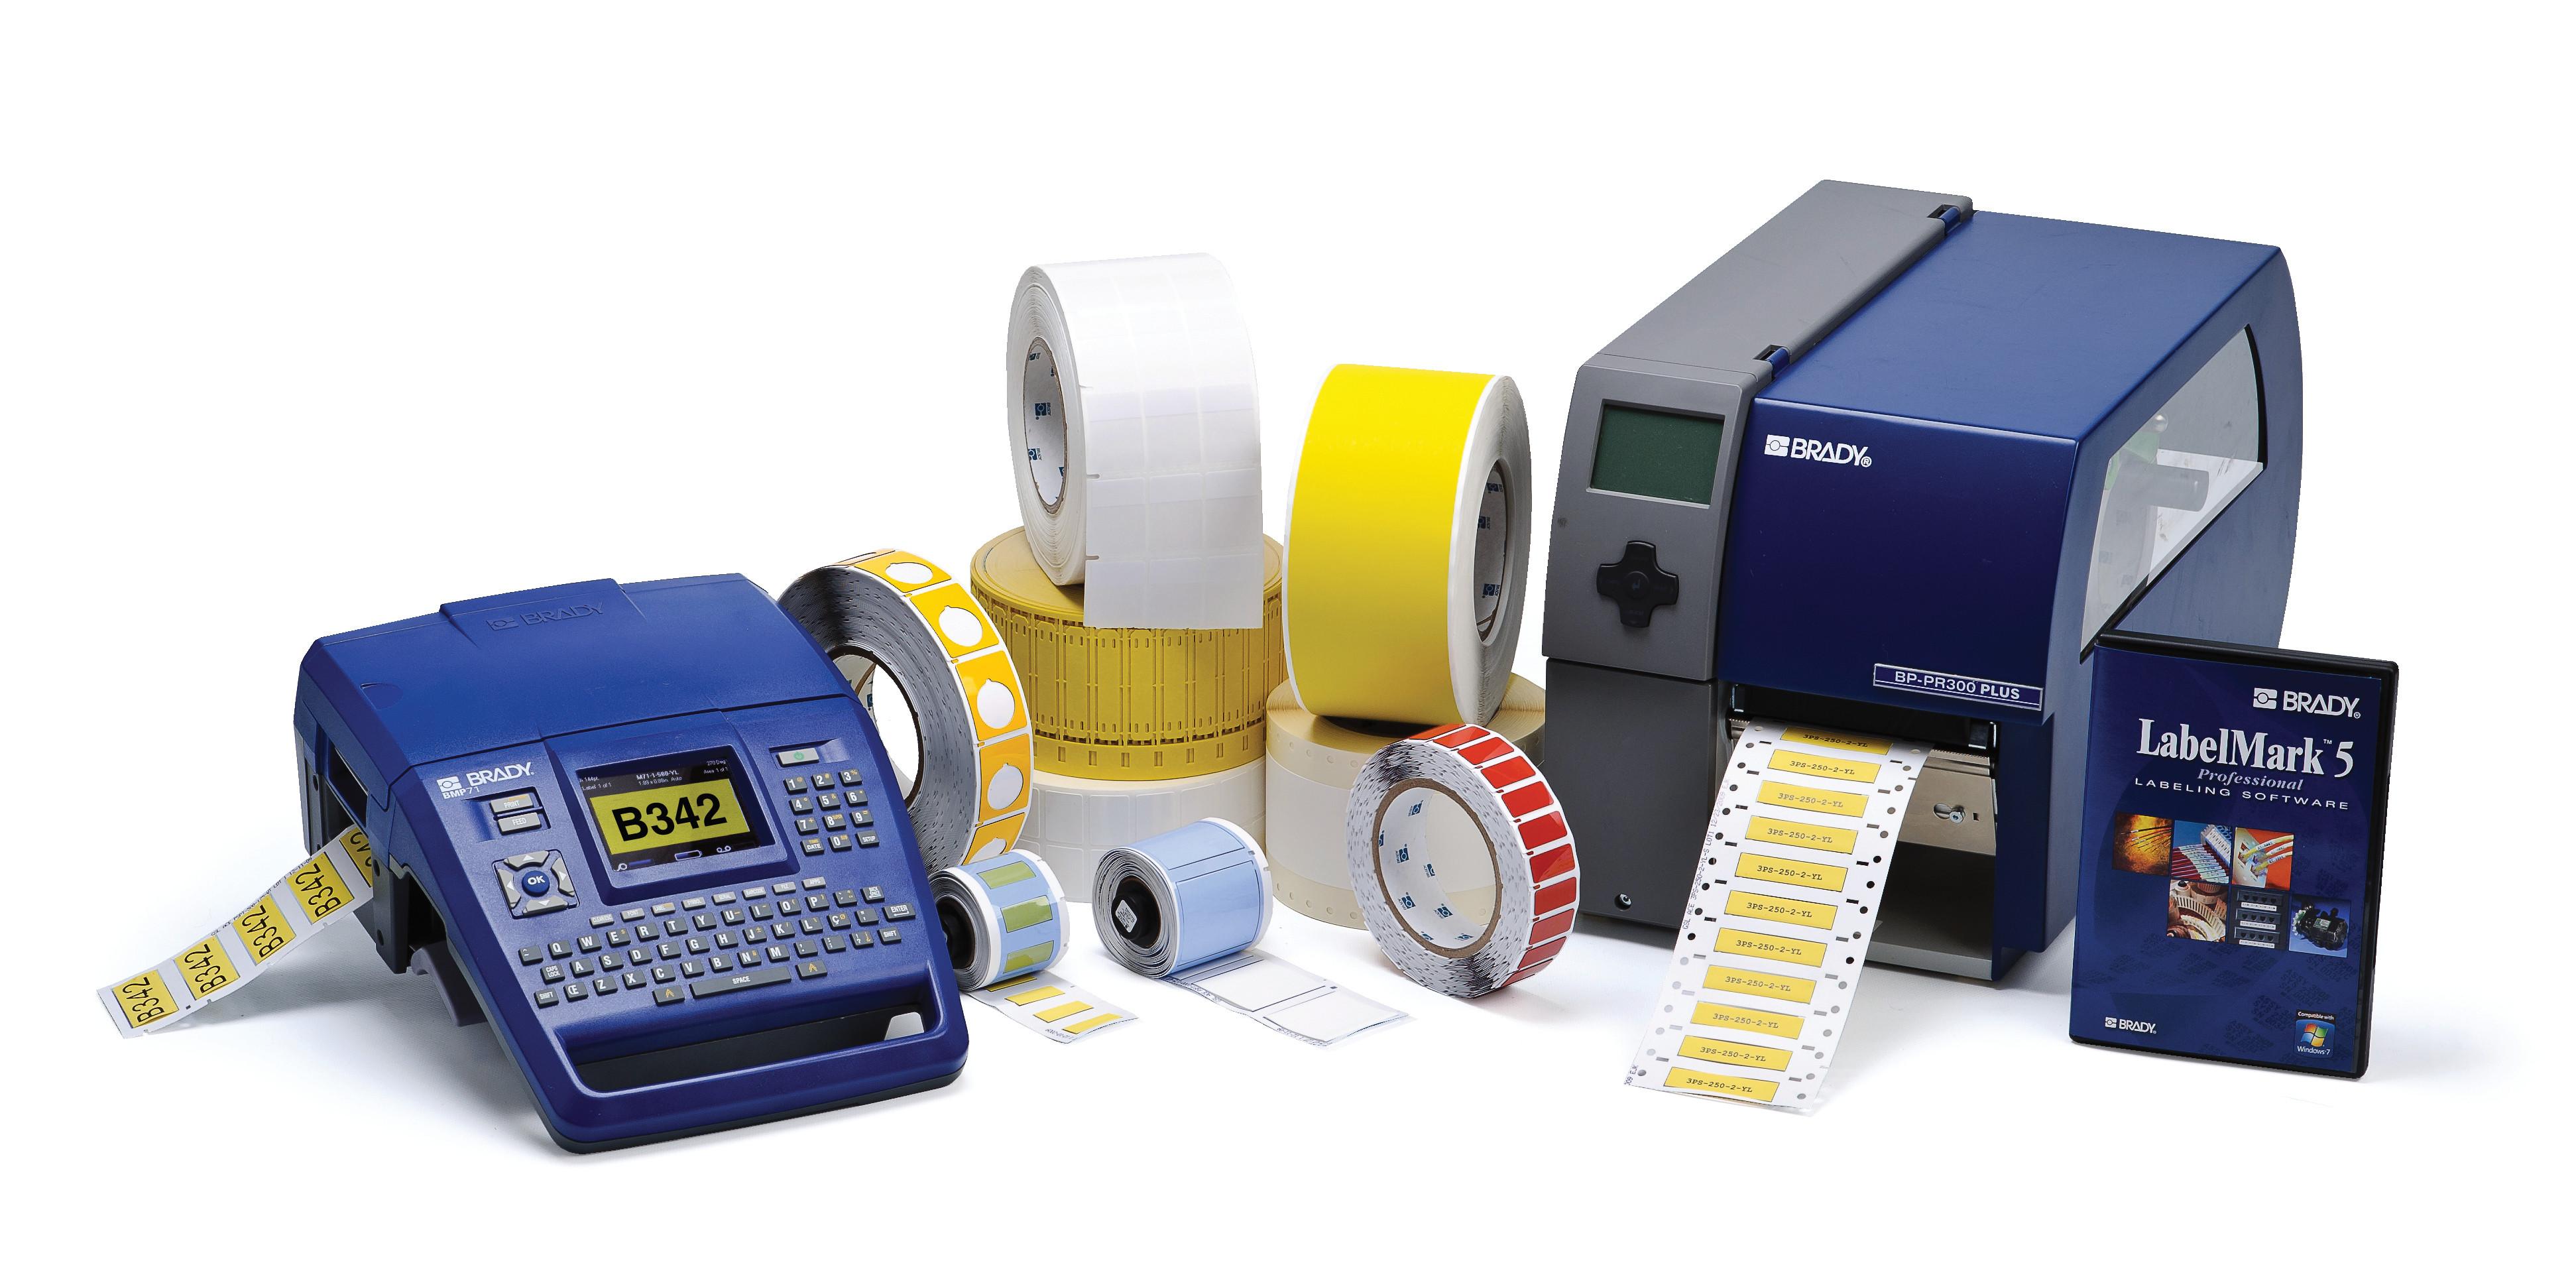 Automazione E Sicurezza Gorgonzola identificazione e sicurezza per mercati mro e oem